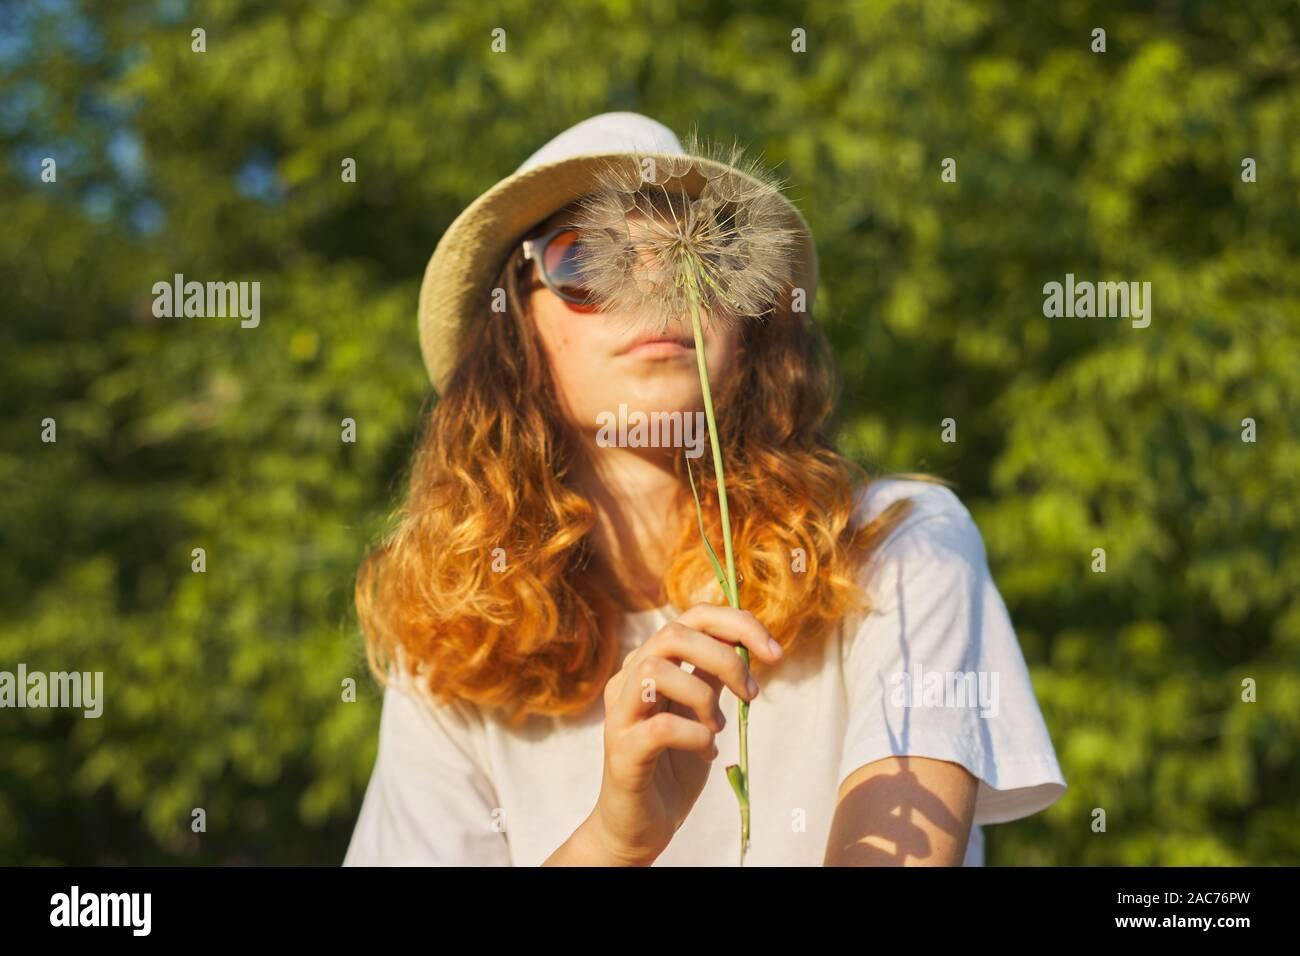 De verano al aire libre retrato de una adolescente romántica en el sombrero con grandes y esponjosas jaramago en la naturaleza, soplando sobre el diente de león en seco Foto de stock